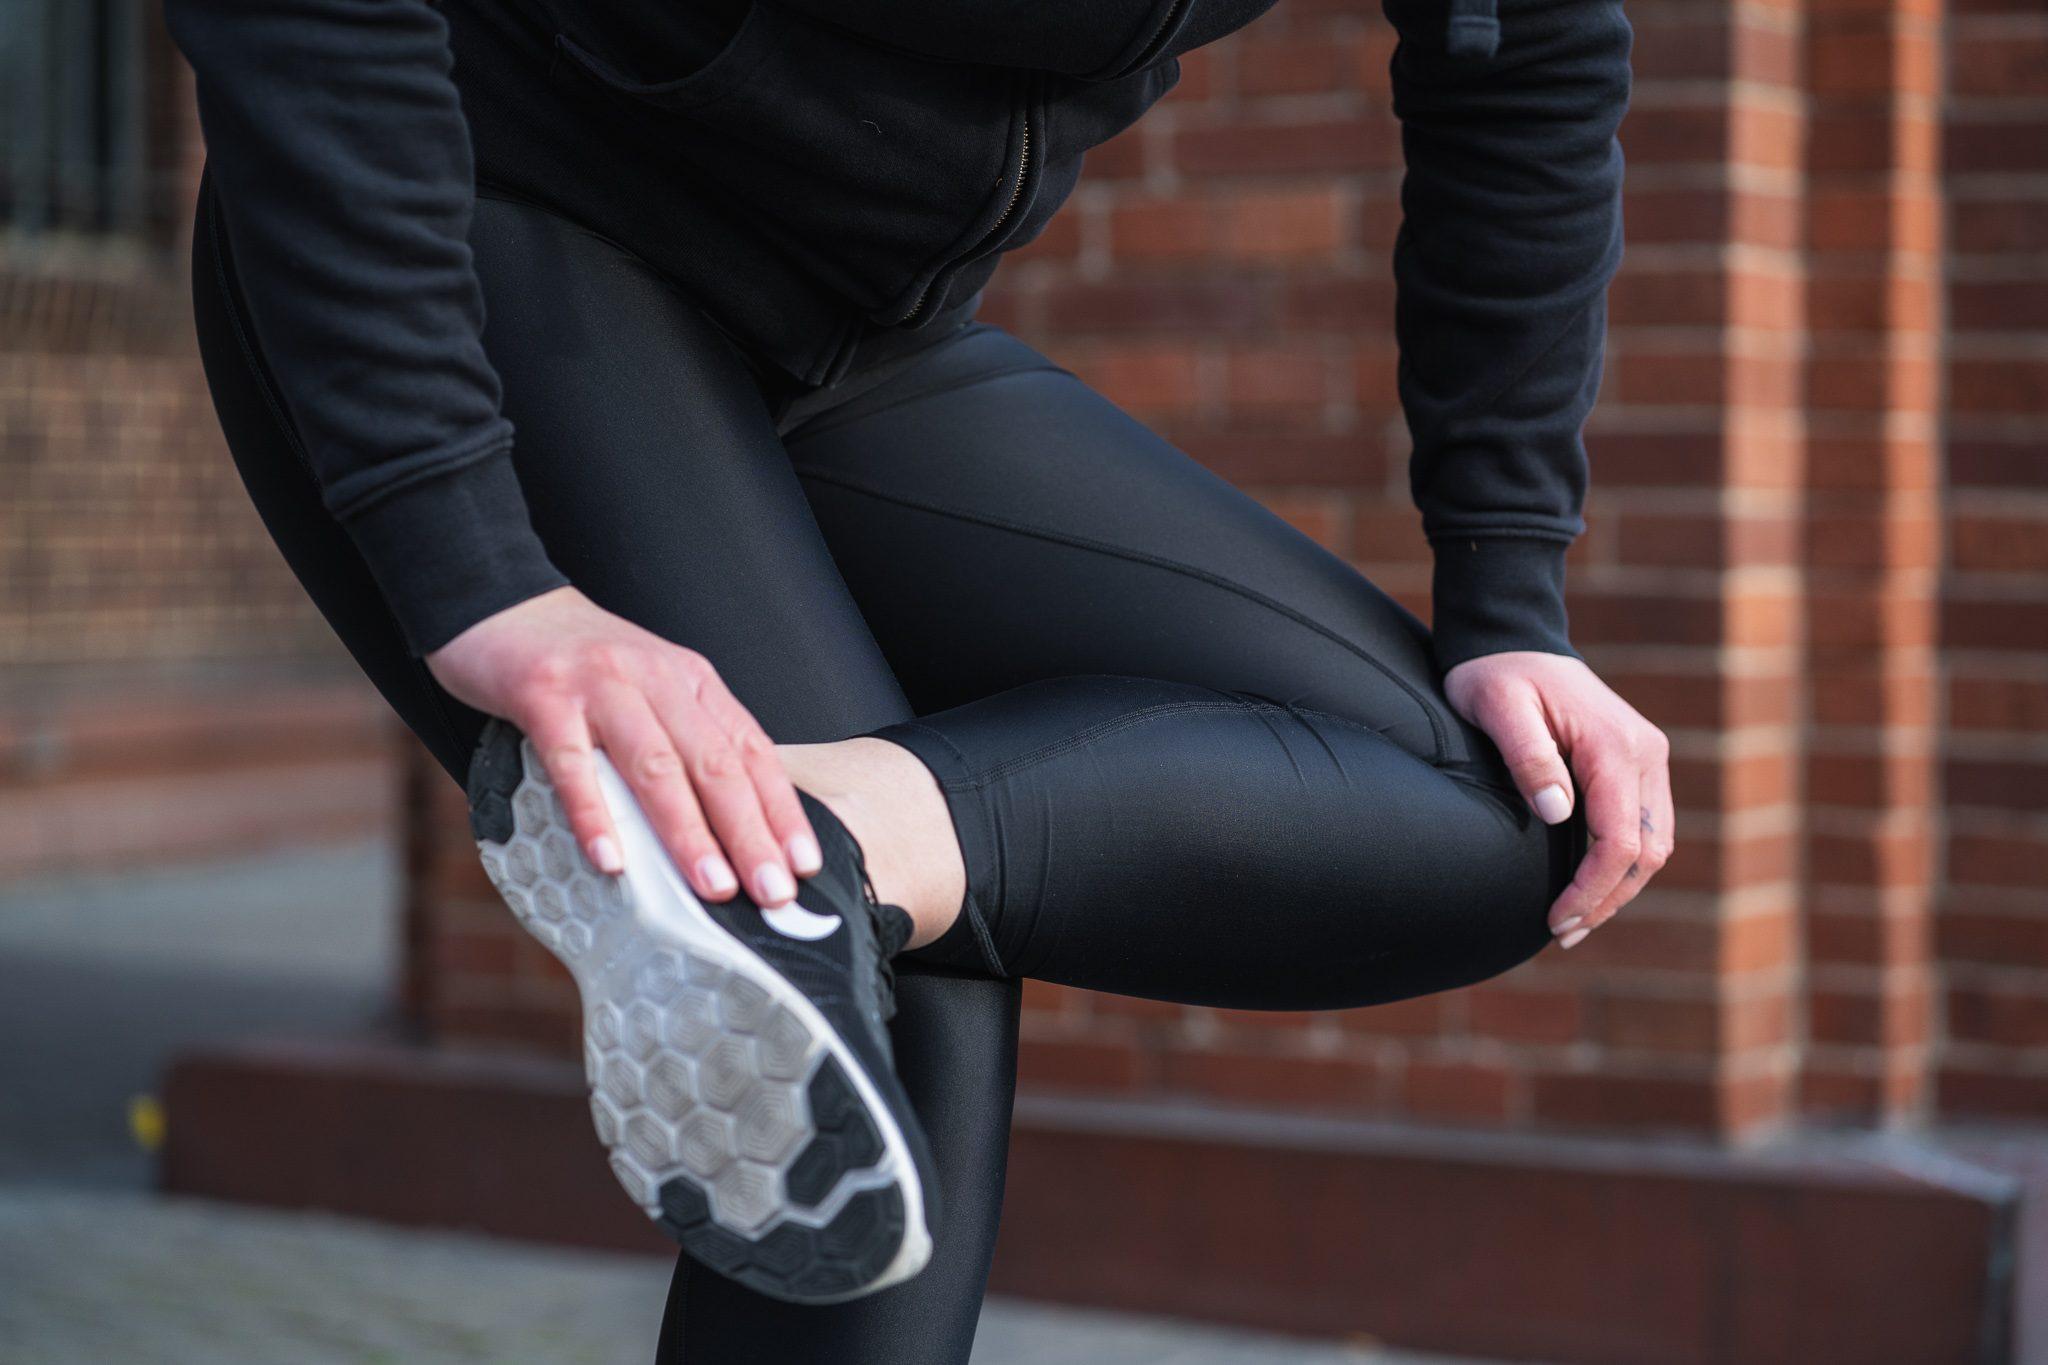 Personal Fitness Trainer Hamburg - TeamBodyCoach - Sei nicht so steif - 3 Mobility Vorteile 7